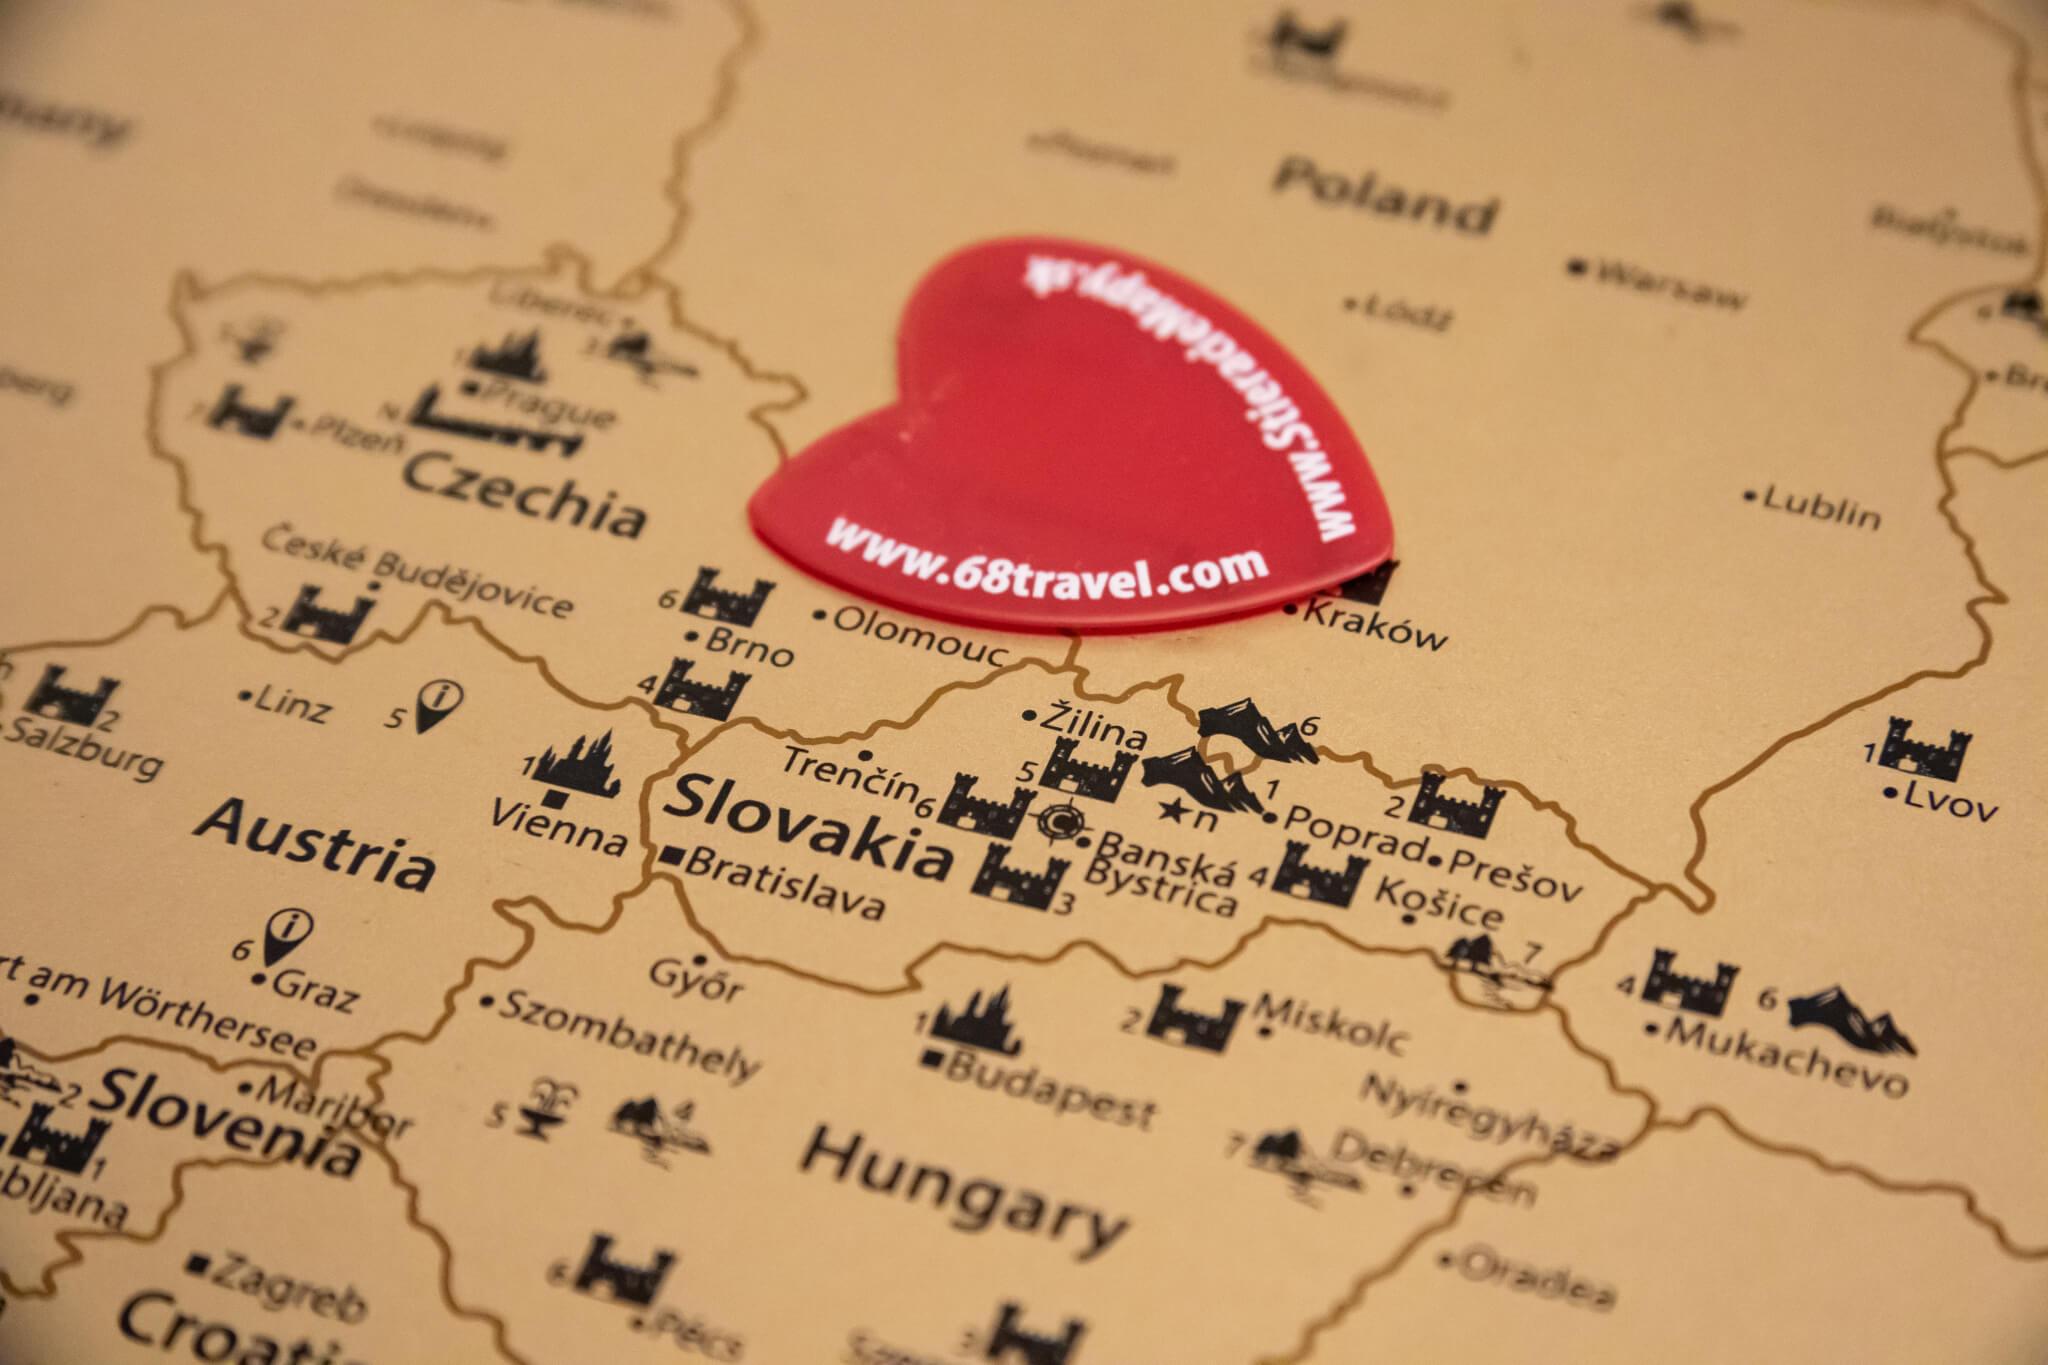 Stírací mapa Evropy - Detail střední Evropy